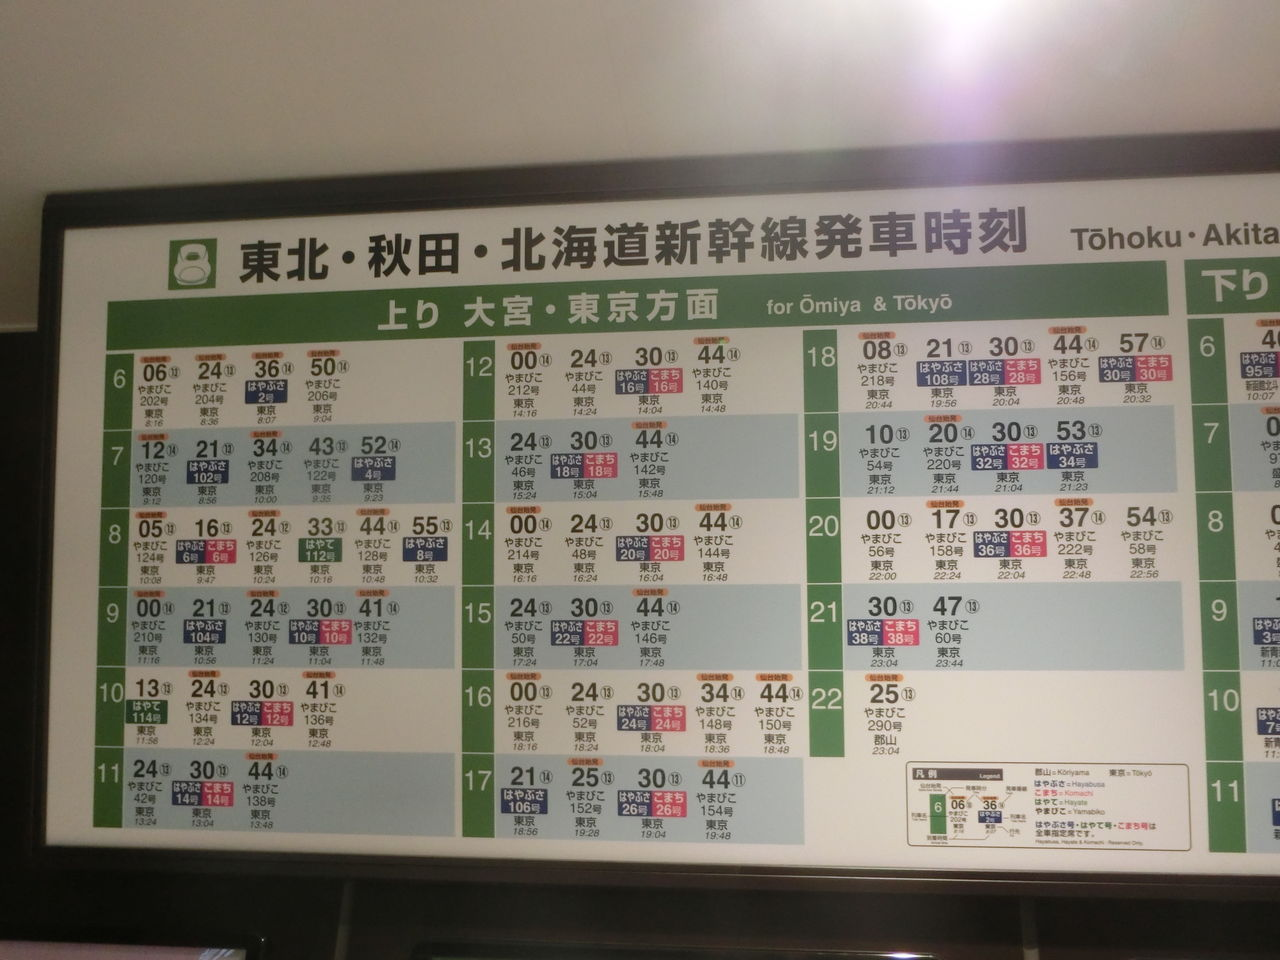 時刻 表 駅 仙台 仙台駅(JR仙石線 東塩釜・石巻方面)の時刻表